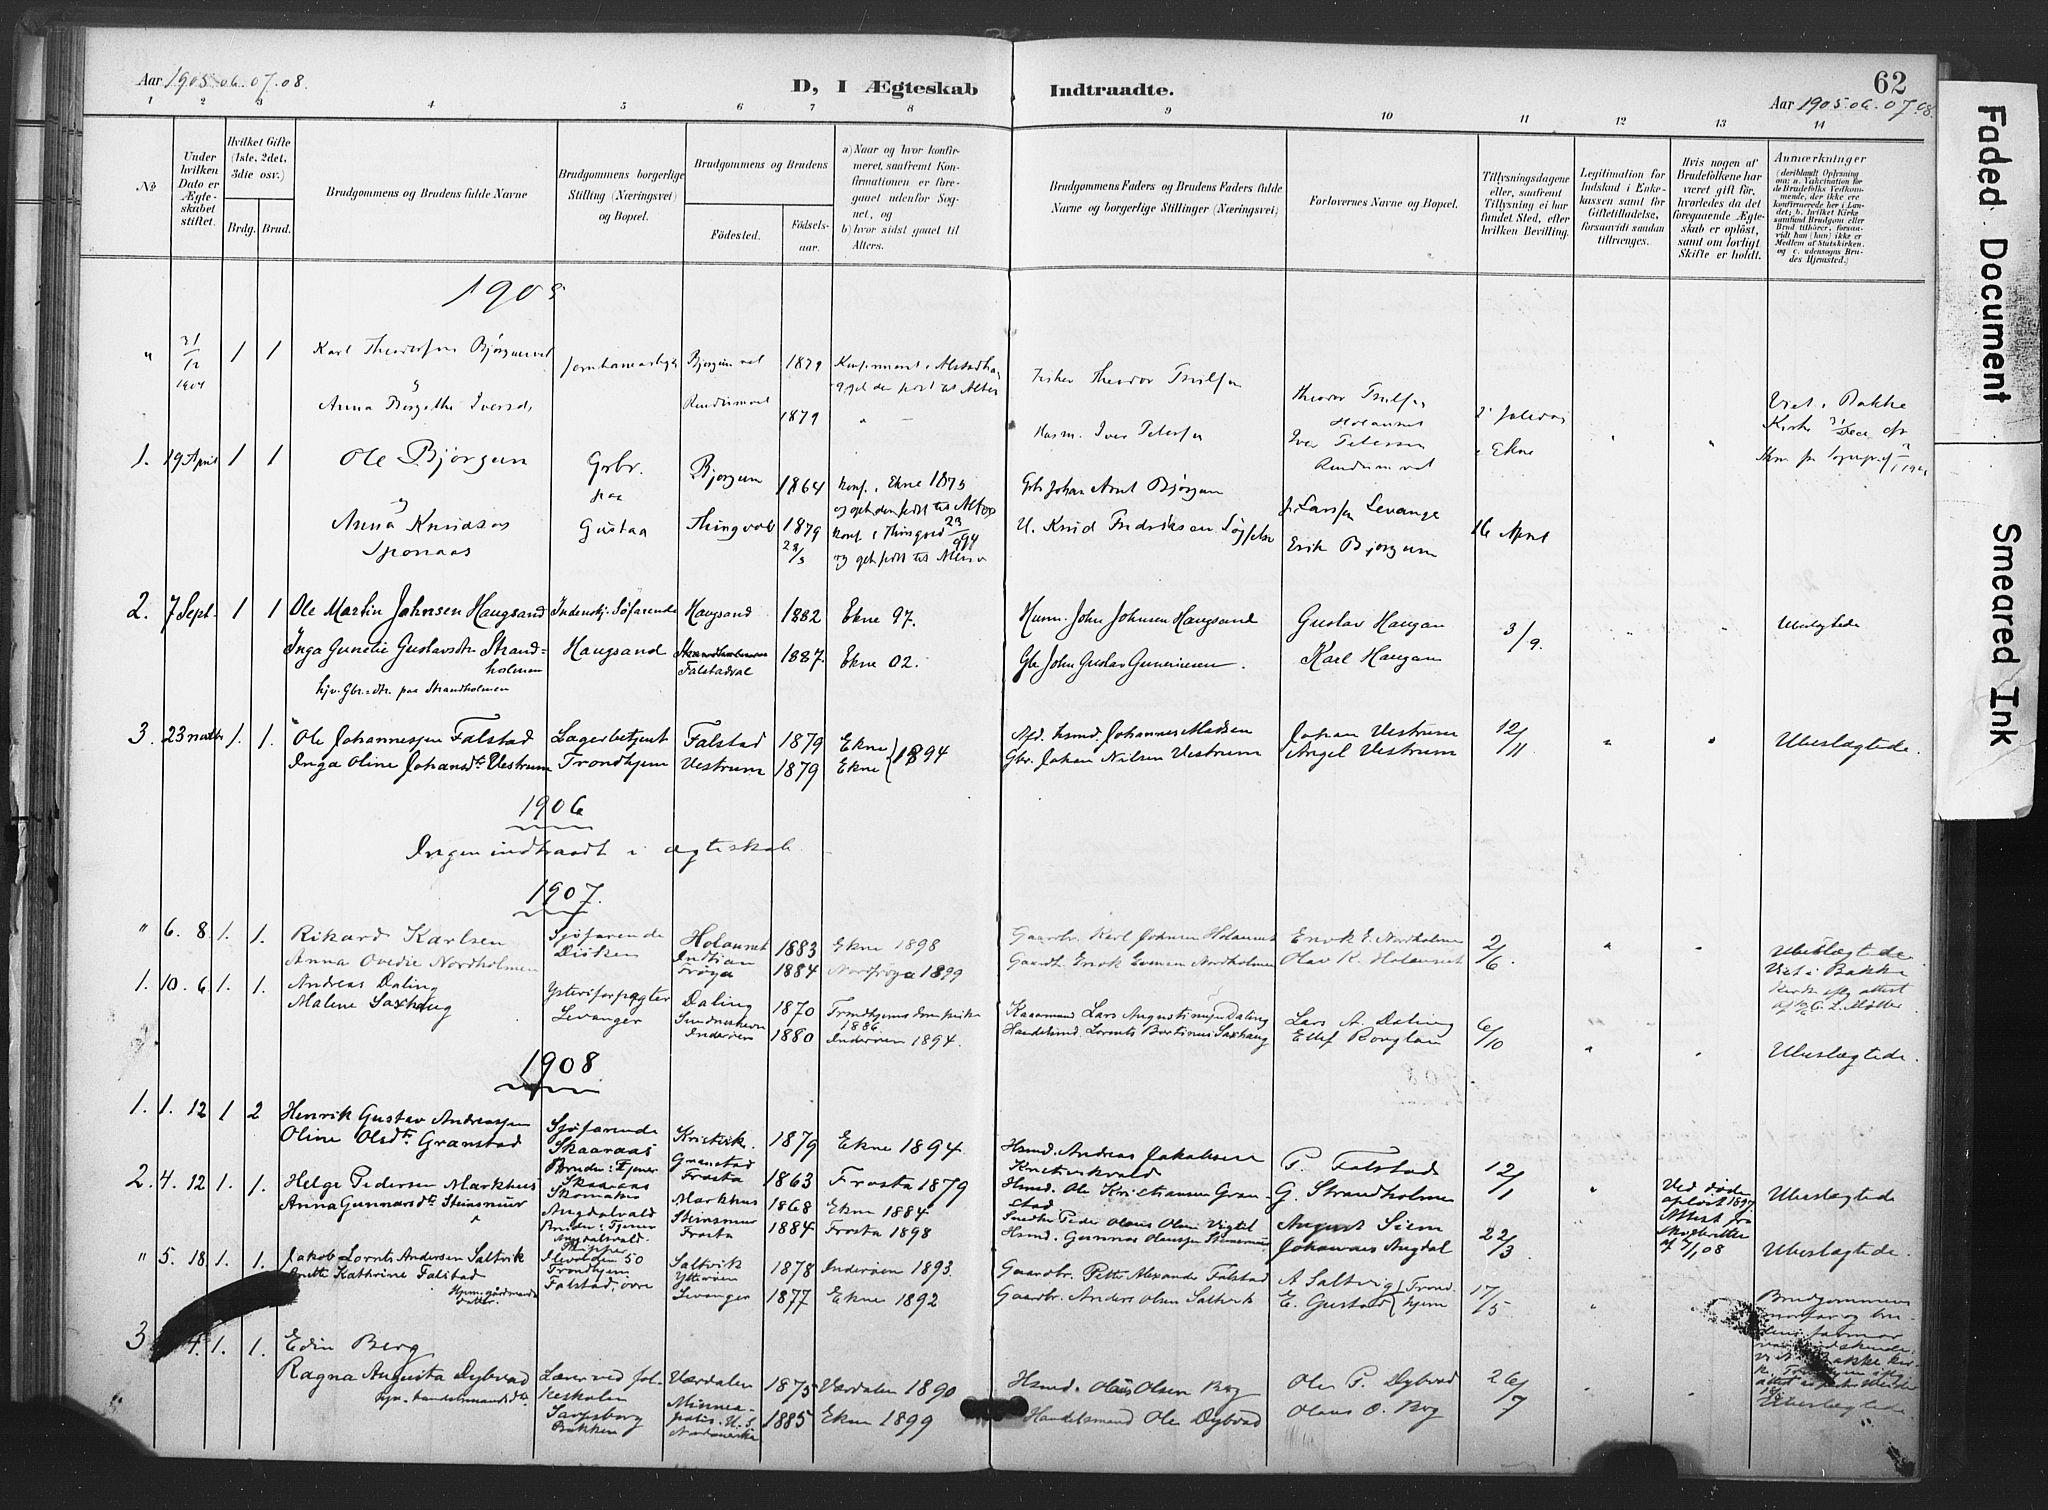 SAT, Ministerialprotokoller, klokkerbøker og fødselsregistre - Nord-Trøndelag, 719/L0179: Ministerialbok nr. 719A02, 1901-1923, s. 62